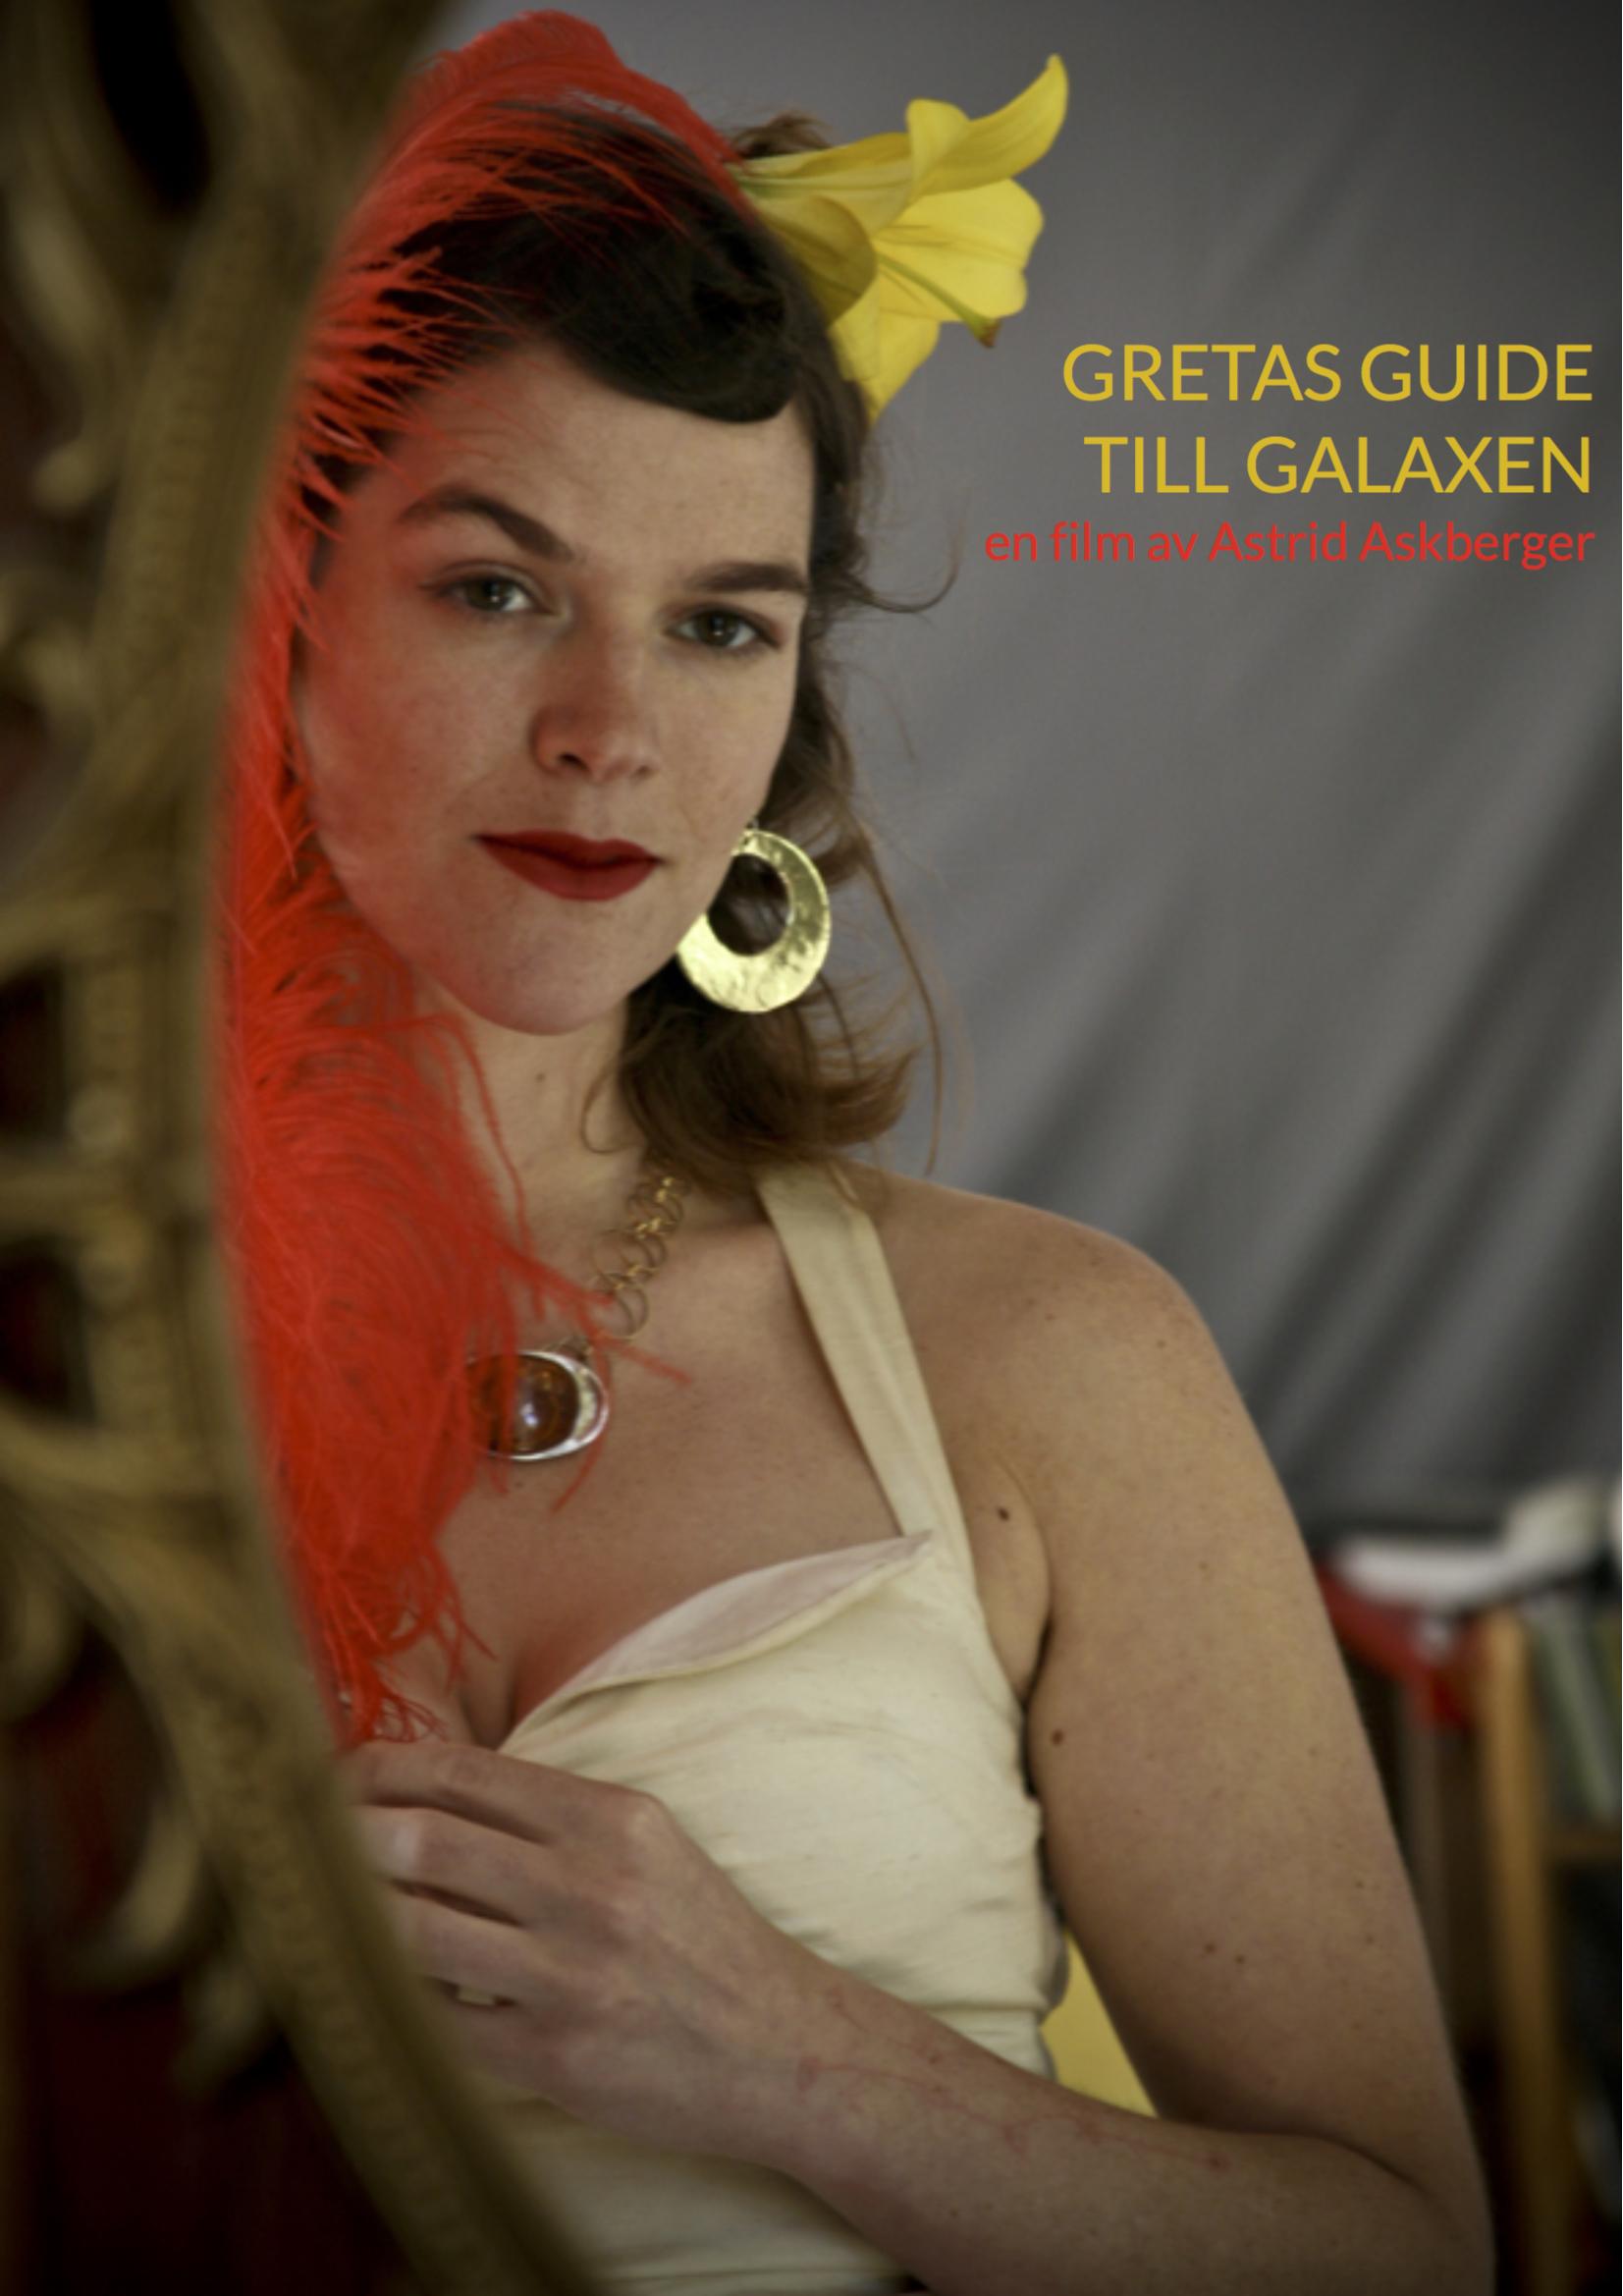 Gretas guide till galaxen